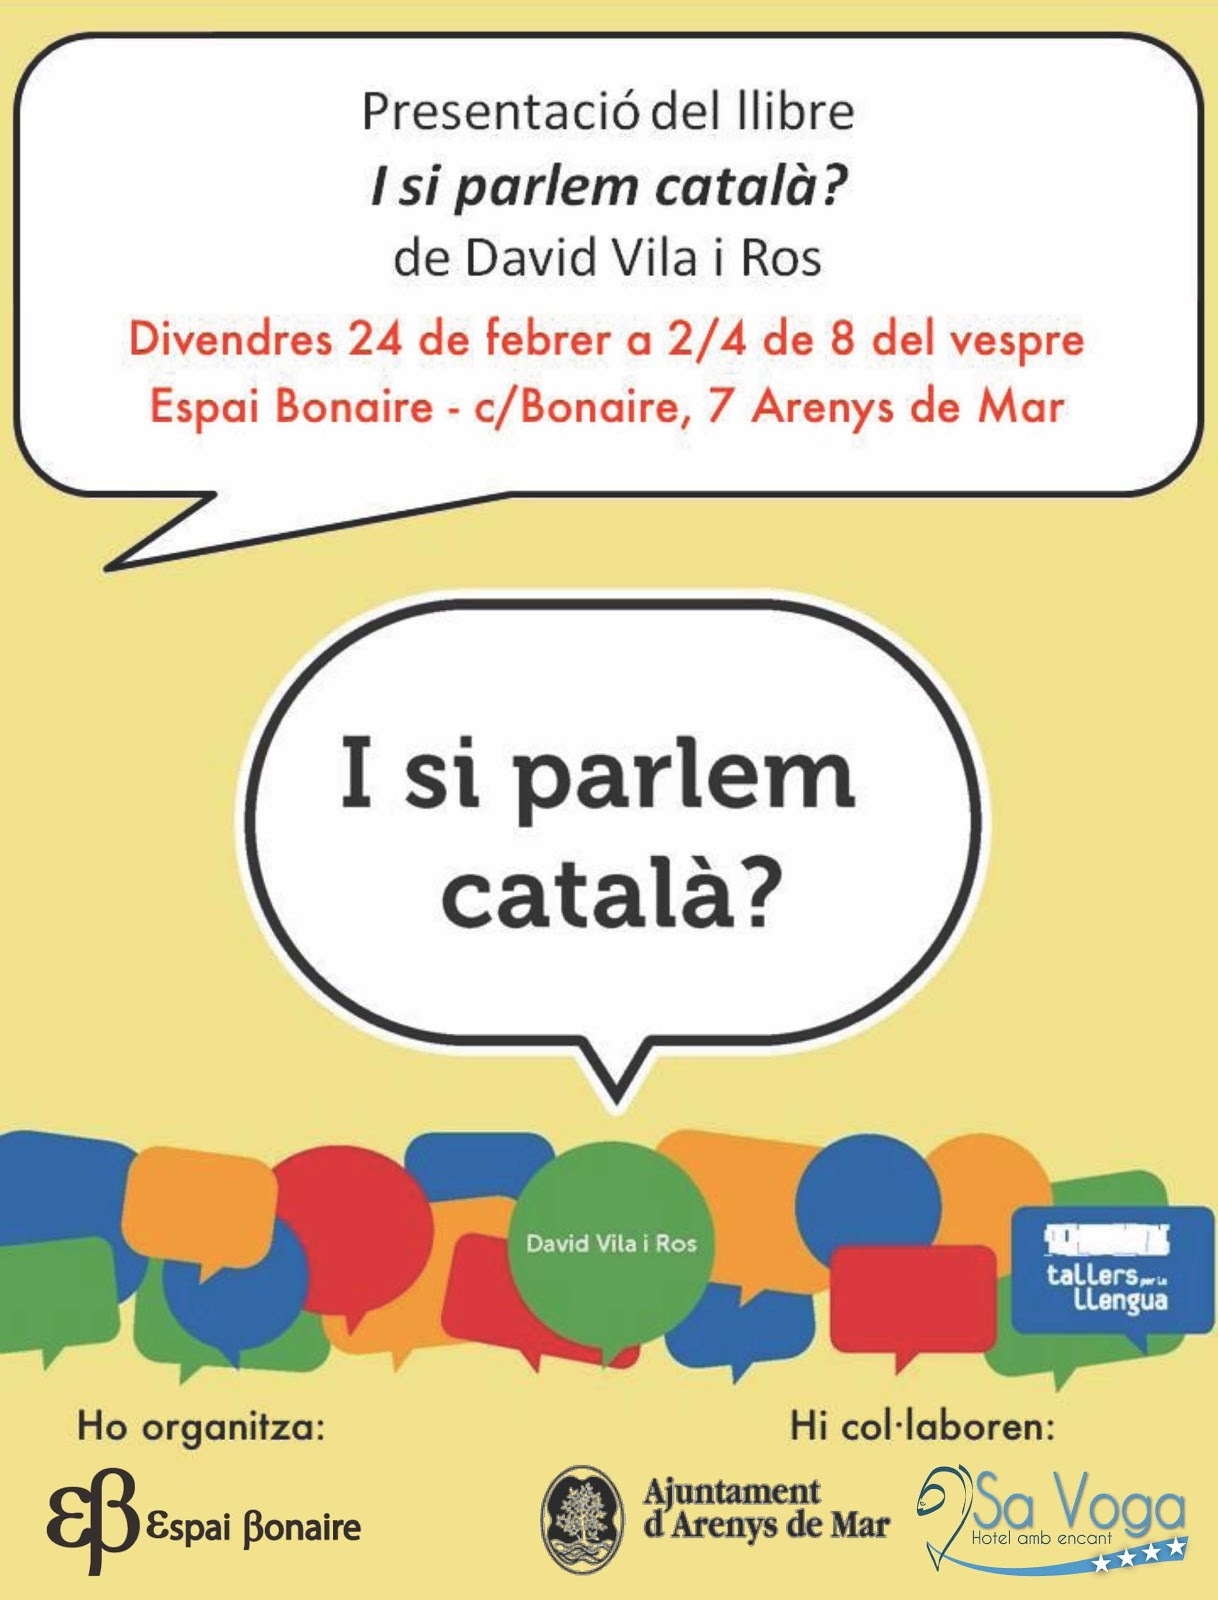 Presentació 'I si parlem català?' a Arenys de Mar